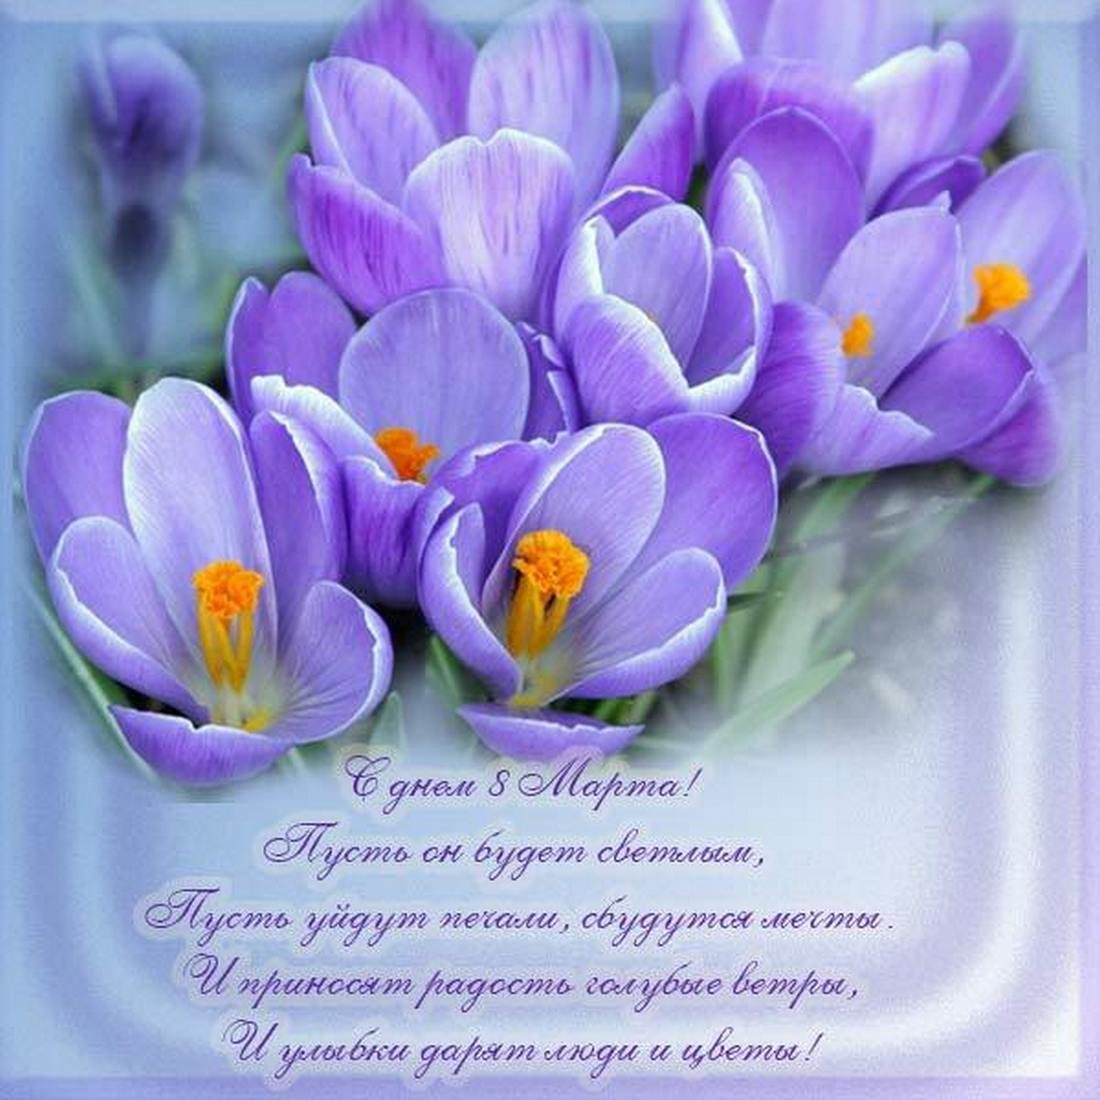 Красивые картинки с пожеланиями на 8 марта